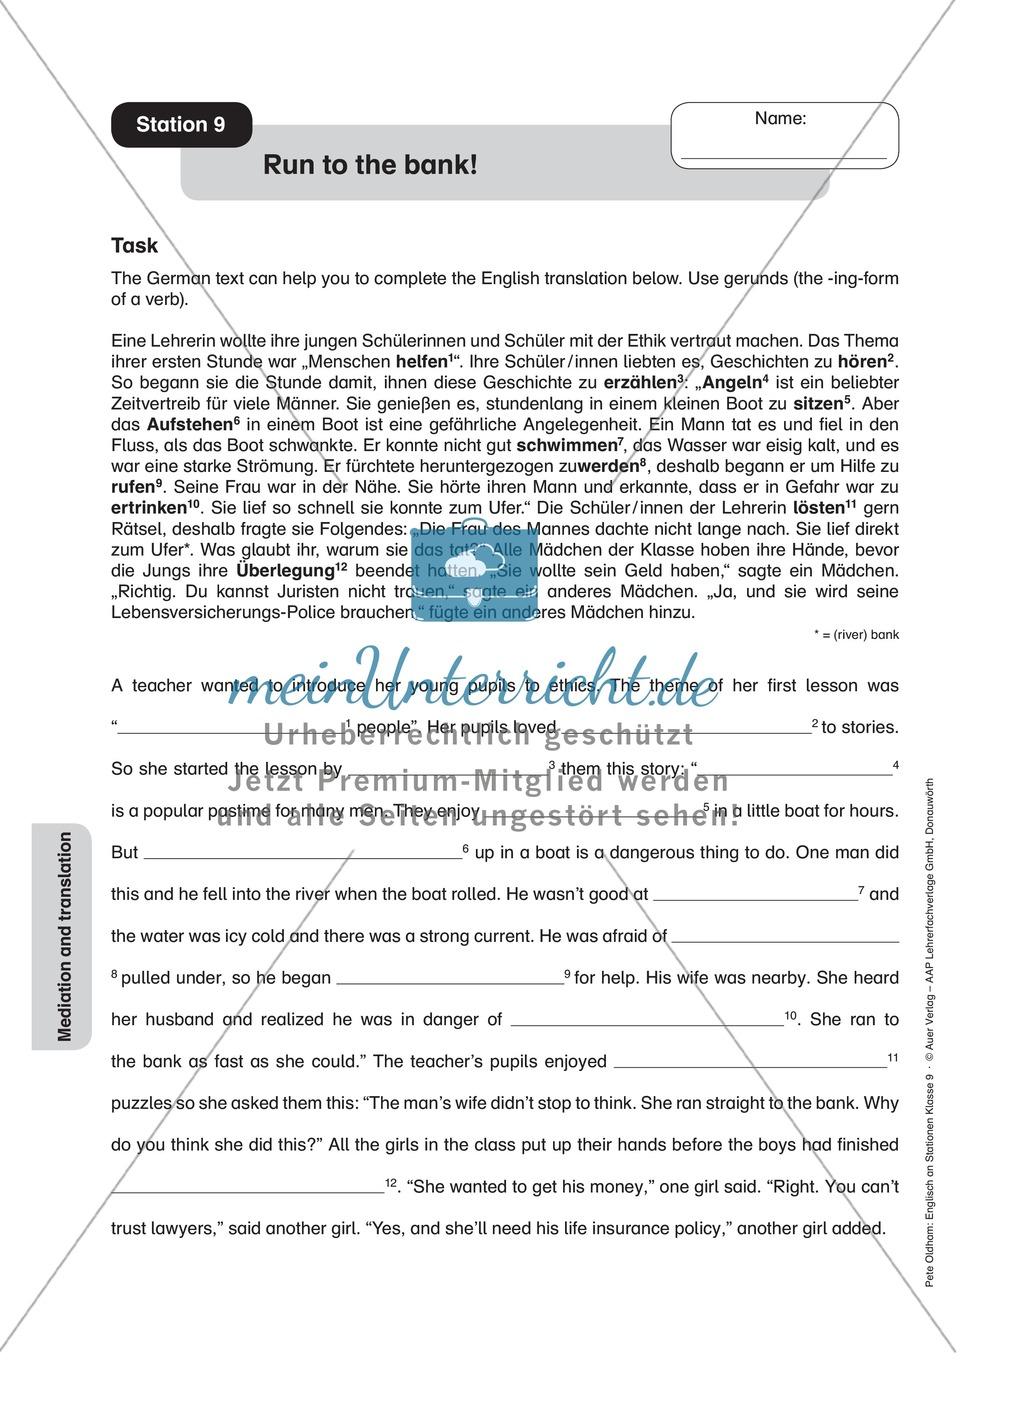 Stationenlernen in der 9. Klasse: Mediation and translation Preview 10